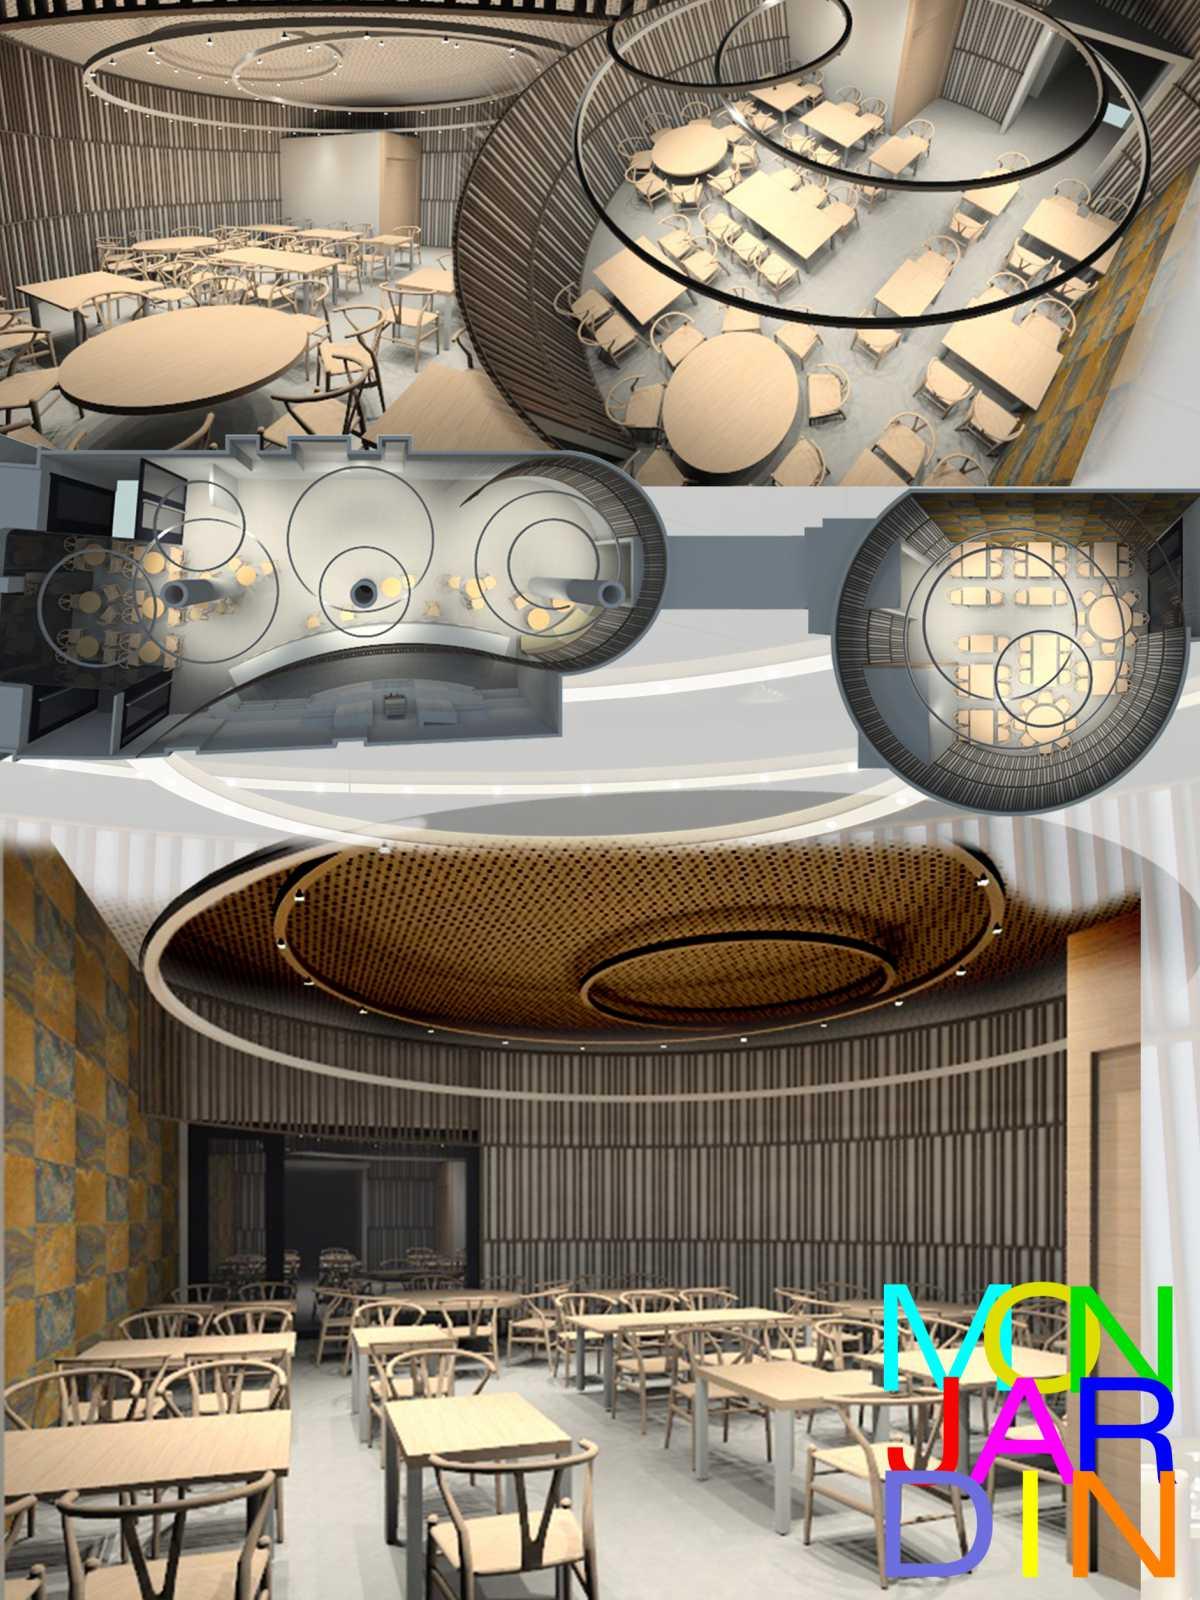 Una zona de mesas alojada en una vitrina proyectada en fachada con dos entradas laterales, nos adentra en un universo de lineas curvas, formas cilíndricas y prismáticas que conforman los diferentes espacios del bar restaurante. Los aros de luz suspendidos del techo se entrelazan y combinan tratando de trasmitir un cálido abrazo ambiental.